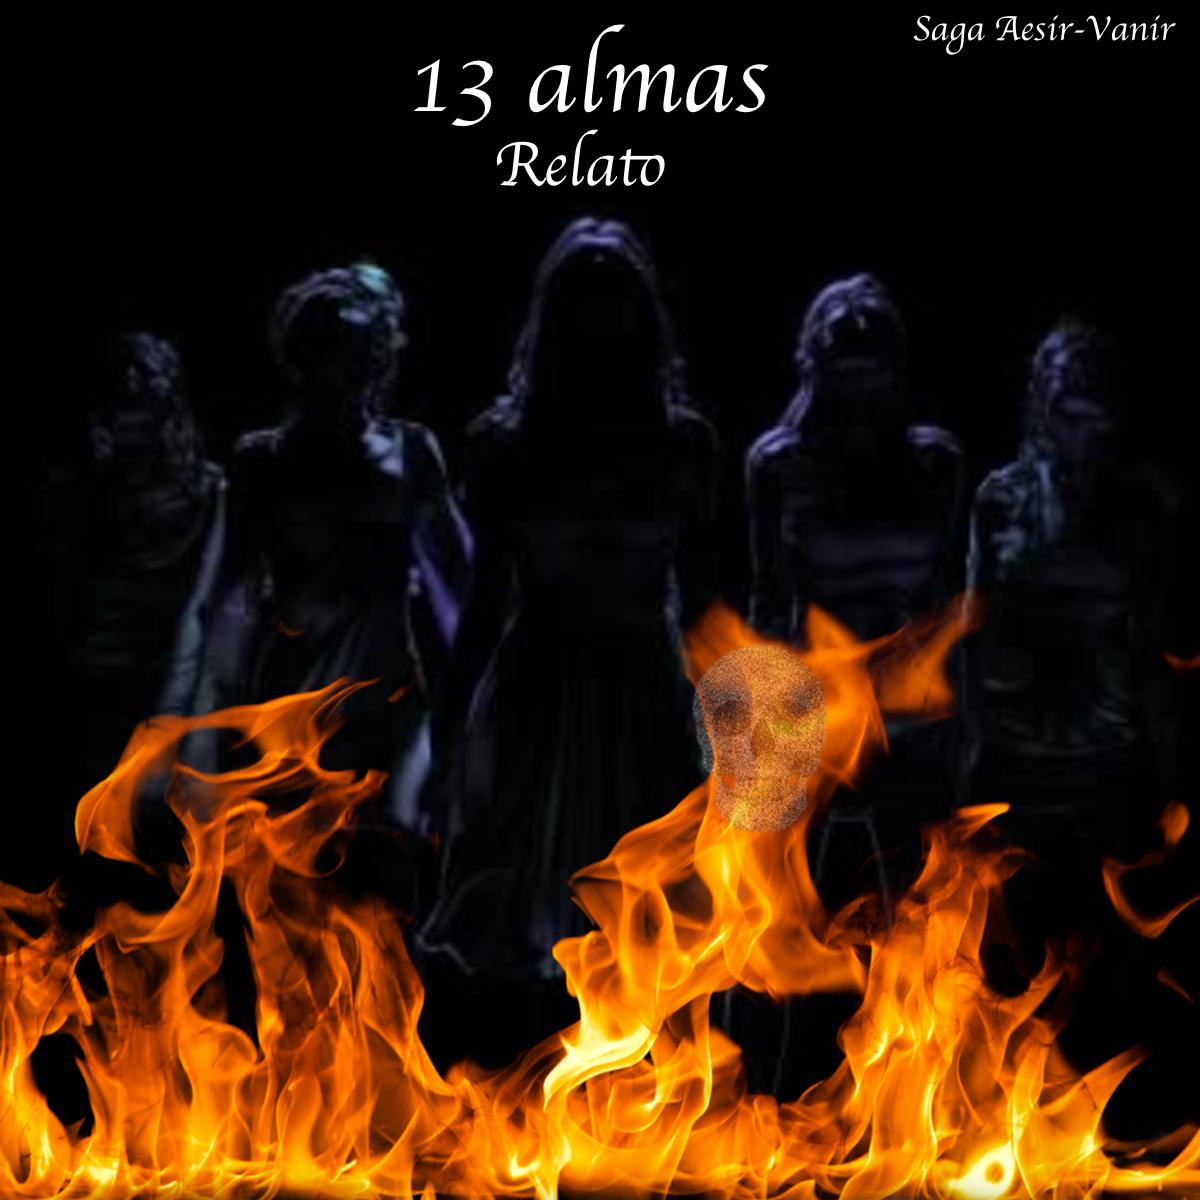 13_almas